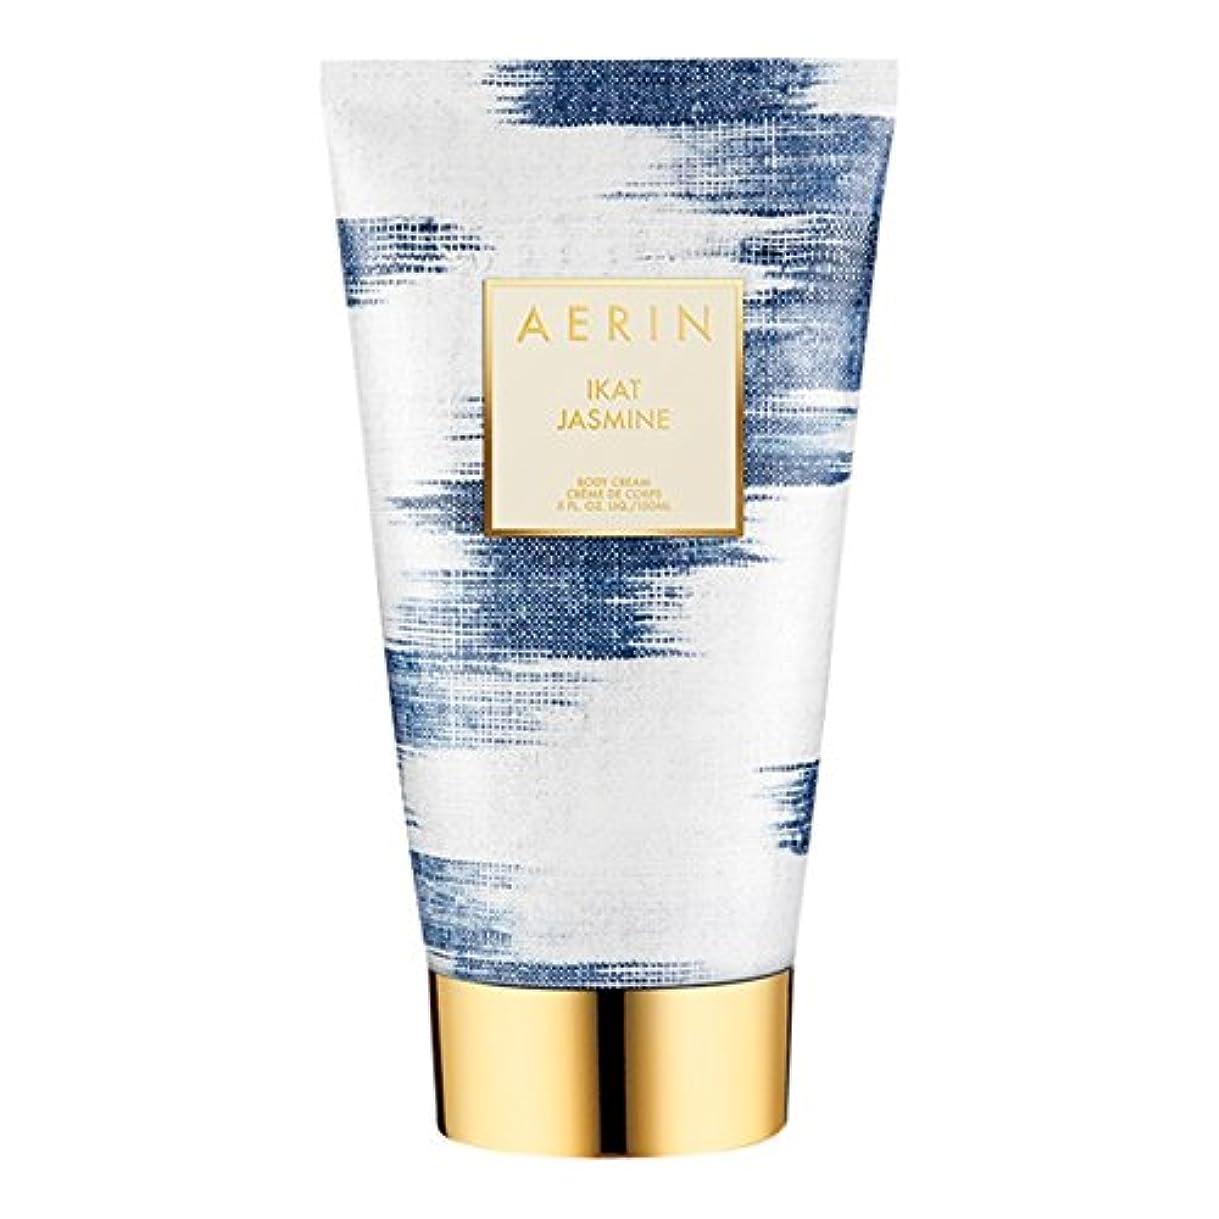 コモランマなす連鎖Aerinイカットジャスミンボディクリーム150ミリリットル (AERIN) (x2) - AERIN Ikat Jasmine Body Cream 150ml (Pack of 2) [並行輸入品]